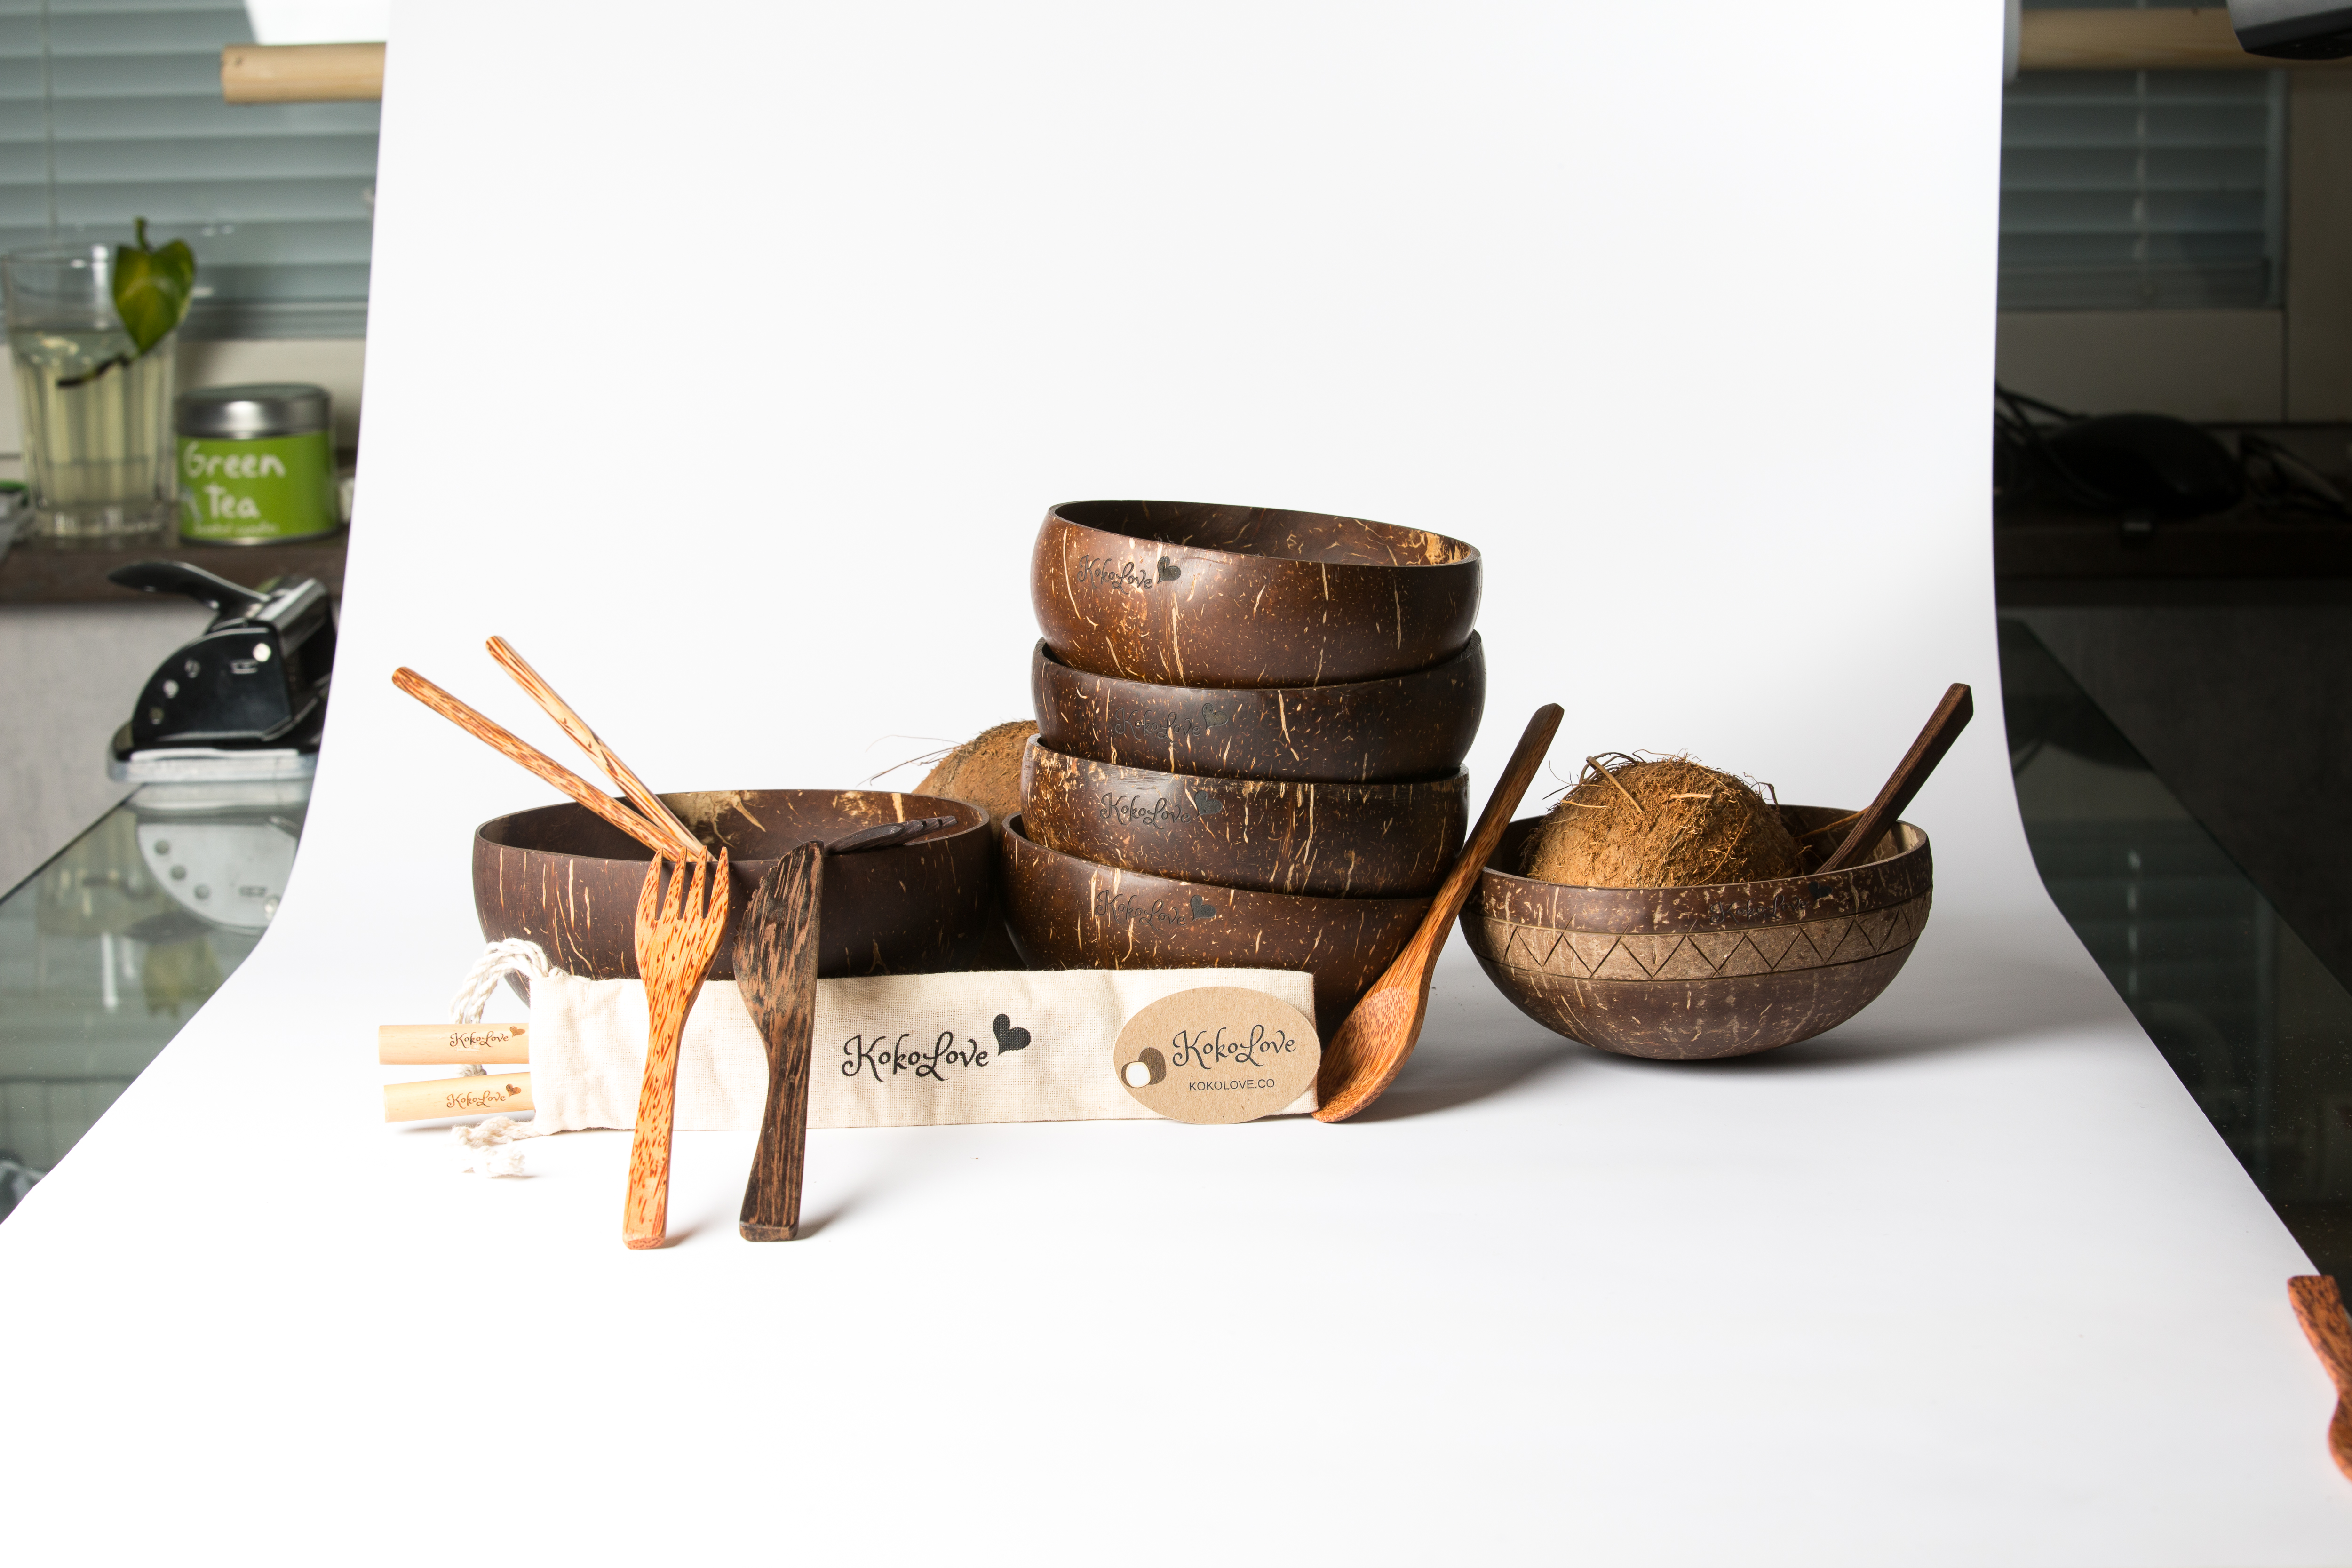 Kokosskålar, bestick av trä och sugrör av bambu från Kokolove.